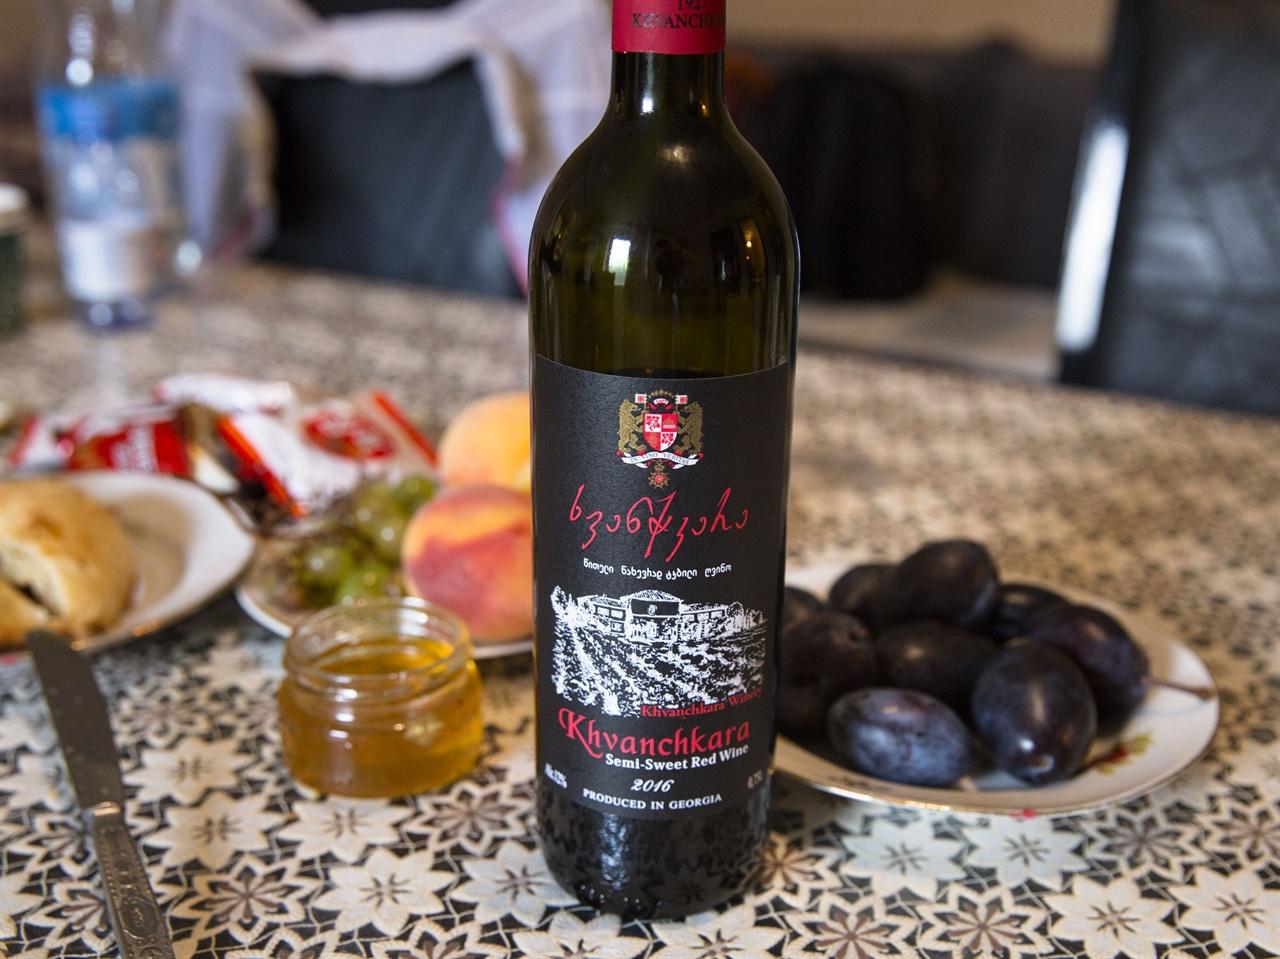 조지아 흐반치카라 와인    스탈린이 사랑했던 흐반치카라. 라차 지역의 동명의 PDO에서 생산되는 포도로 만들어진다. 약 20여 종의 흐반치카라가 생산된다.